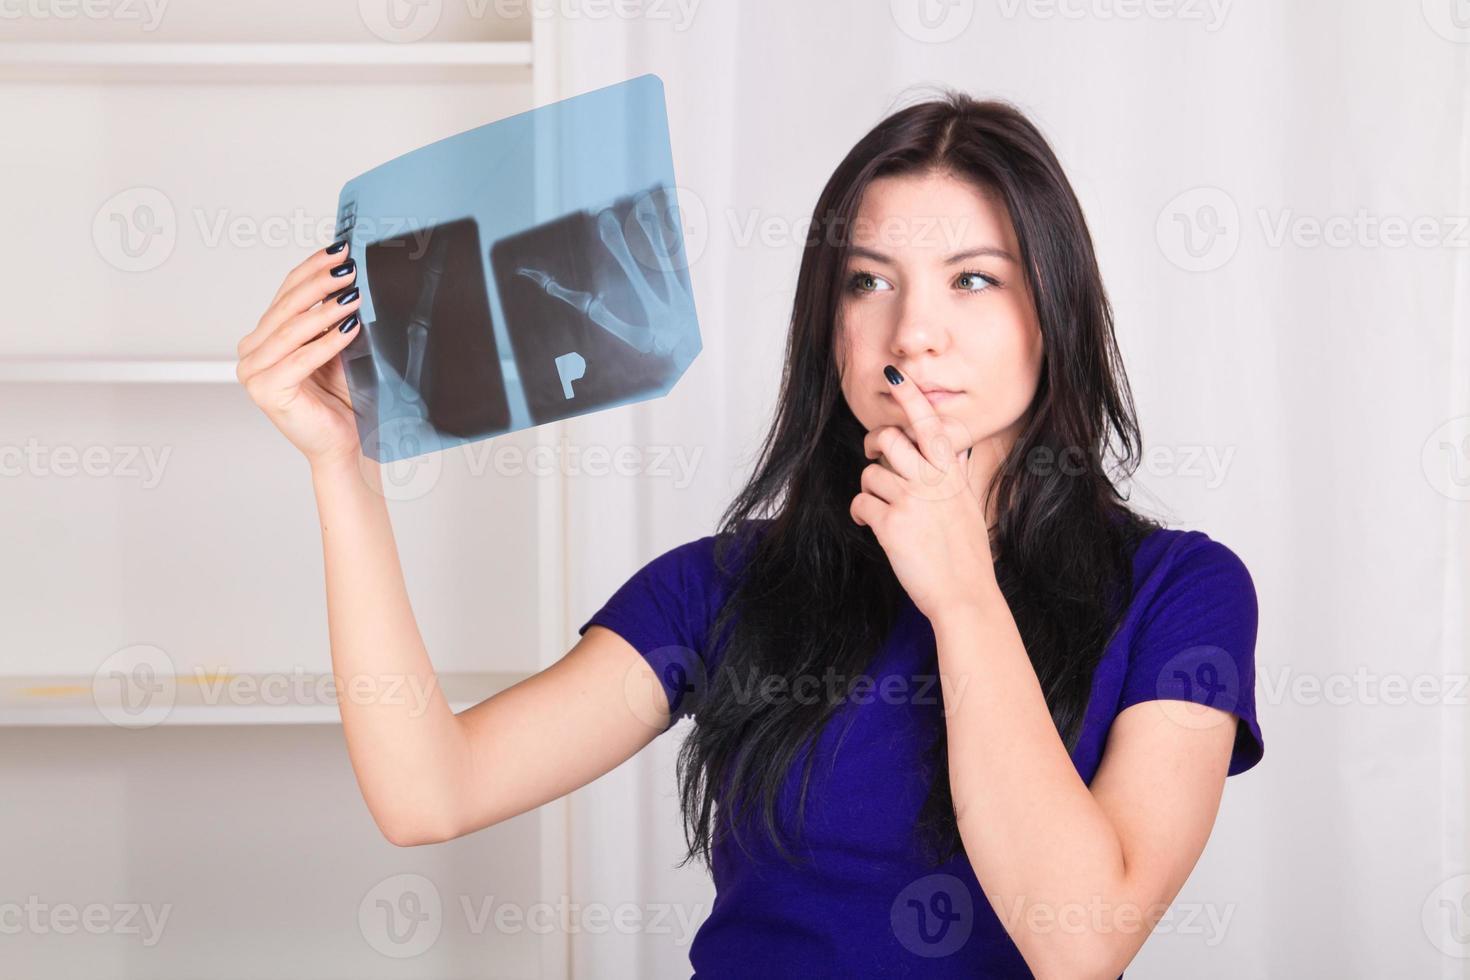 meisje kijkt naar de röntgenfoto van haar handen botten foto